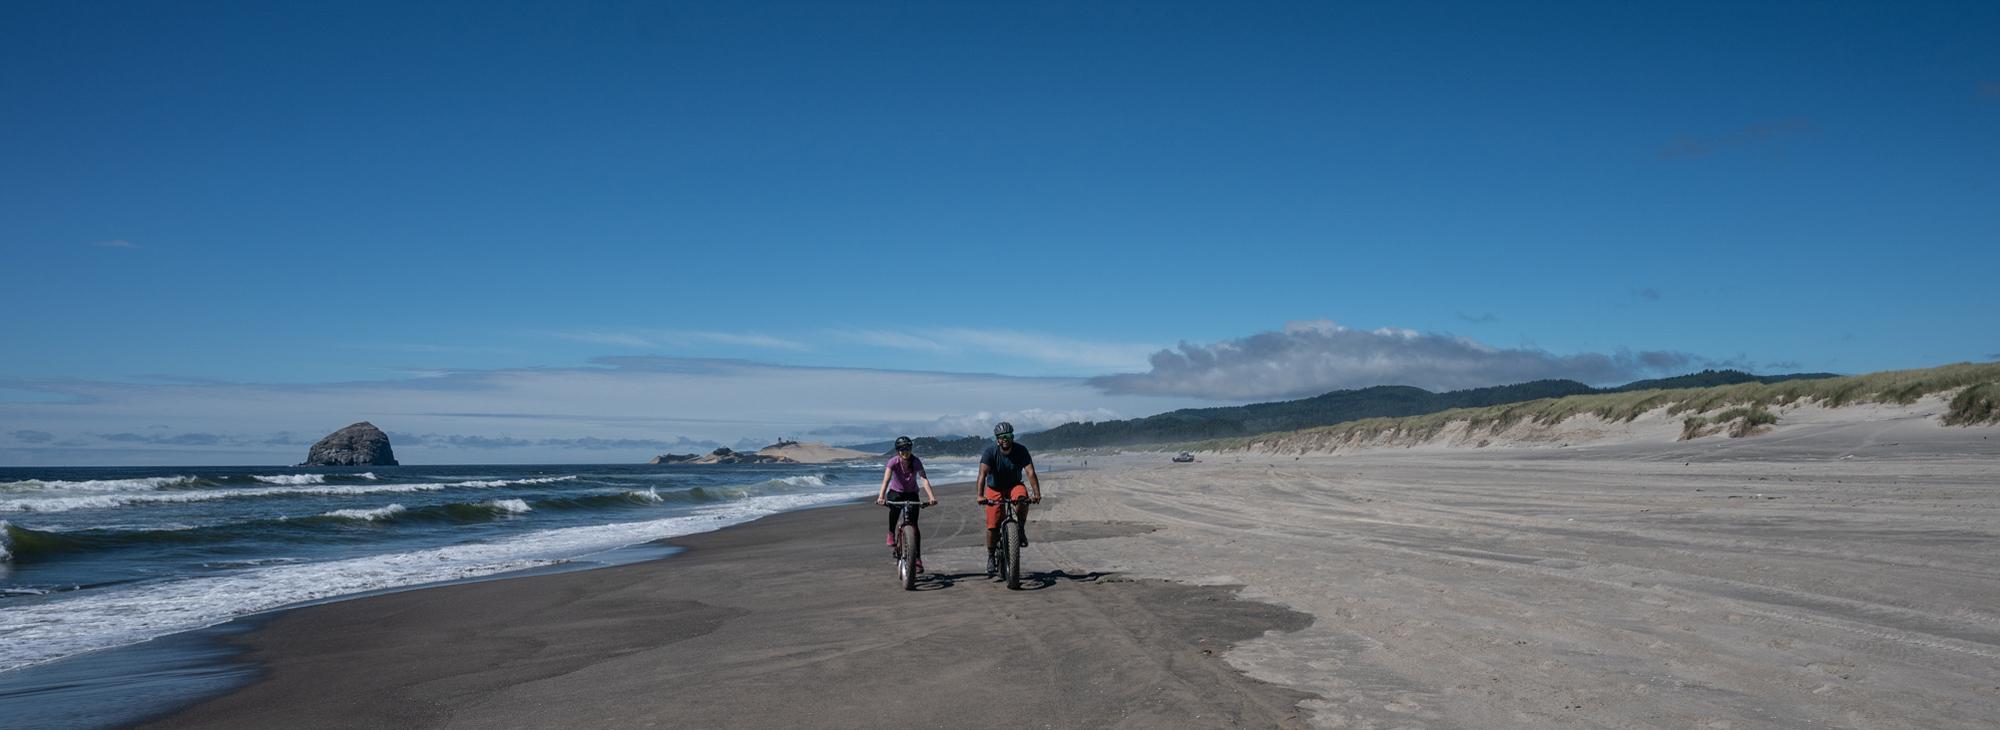 HERO-Fat_Biking_Coast_Pacific_City_TO_VanWeelden-3.jpg